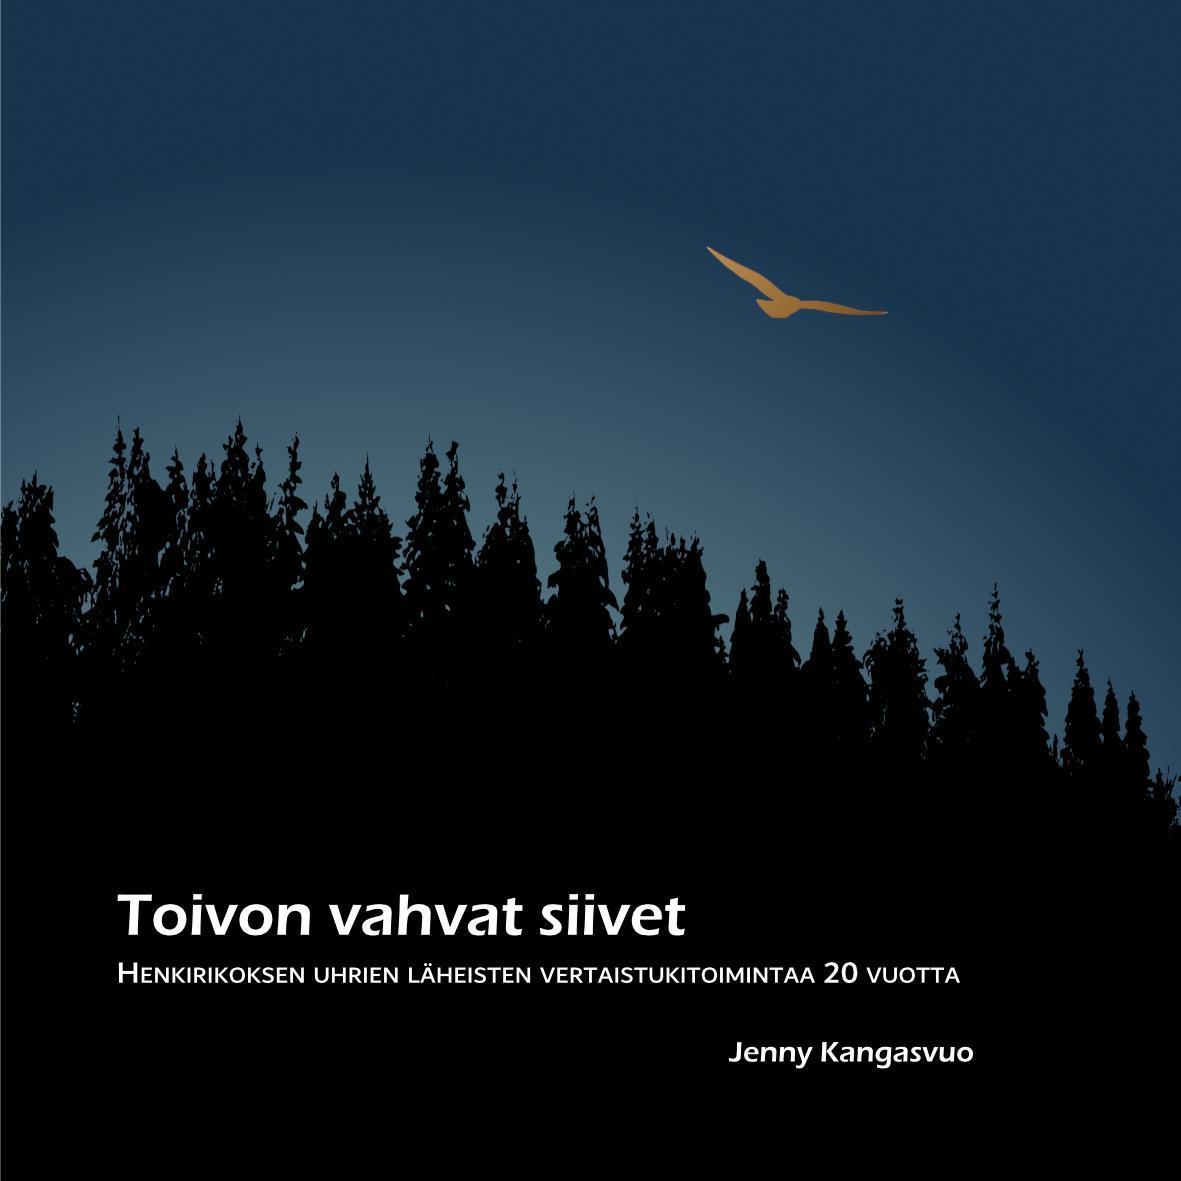 Toivon vahvat siivet -kirjan kansi: mustan metsän yllä tumman sinisellä taivaalla liitää kultainen lintu.